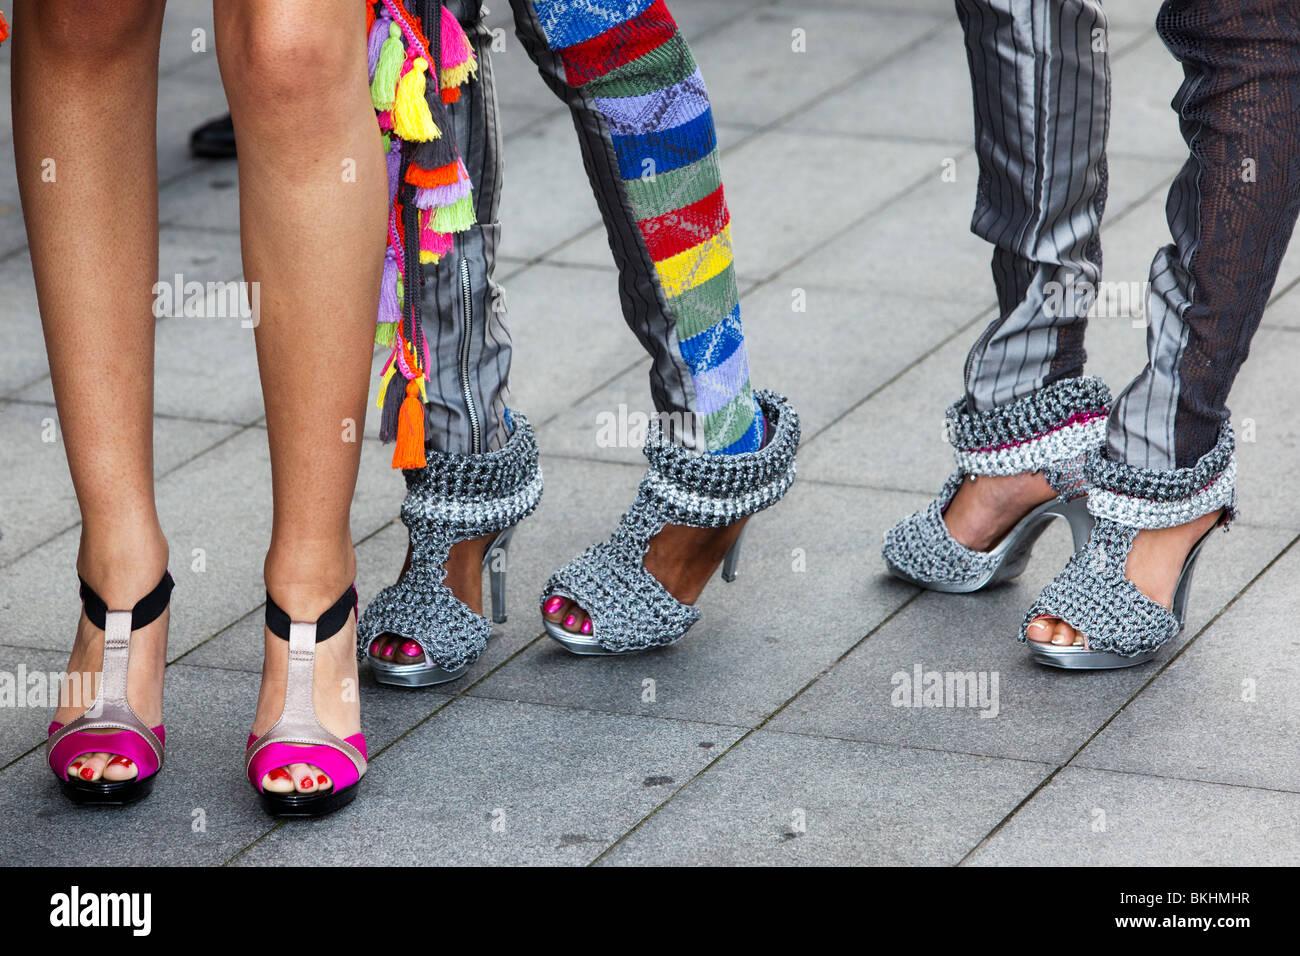 Legs of models, Alternative Fashion Week, London, Spitalfields Market - Stock Image